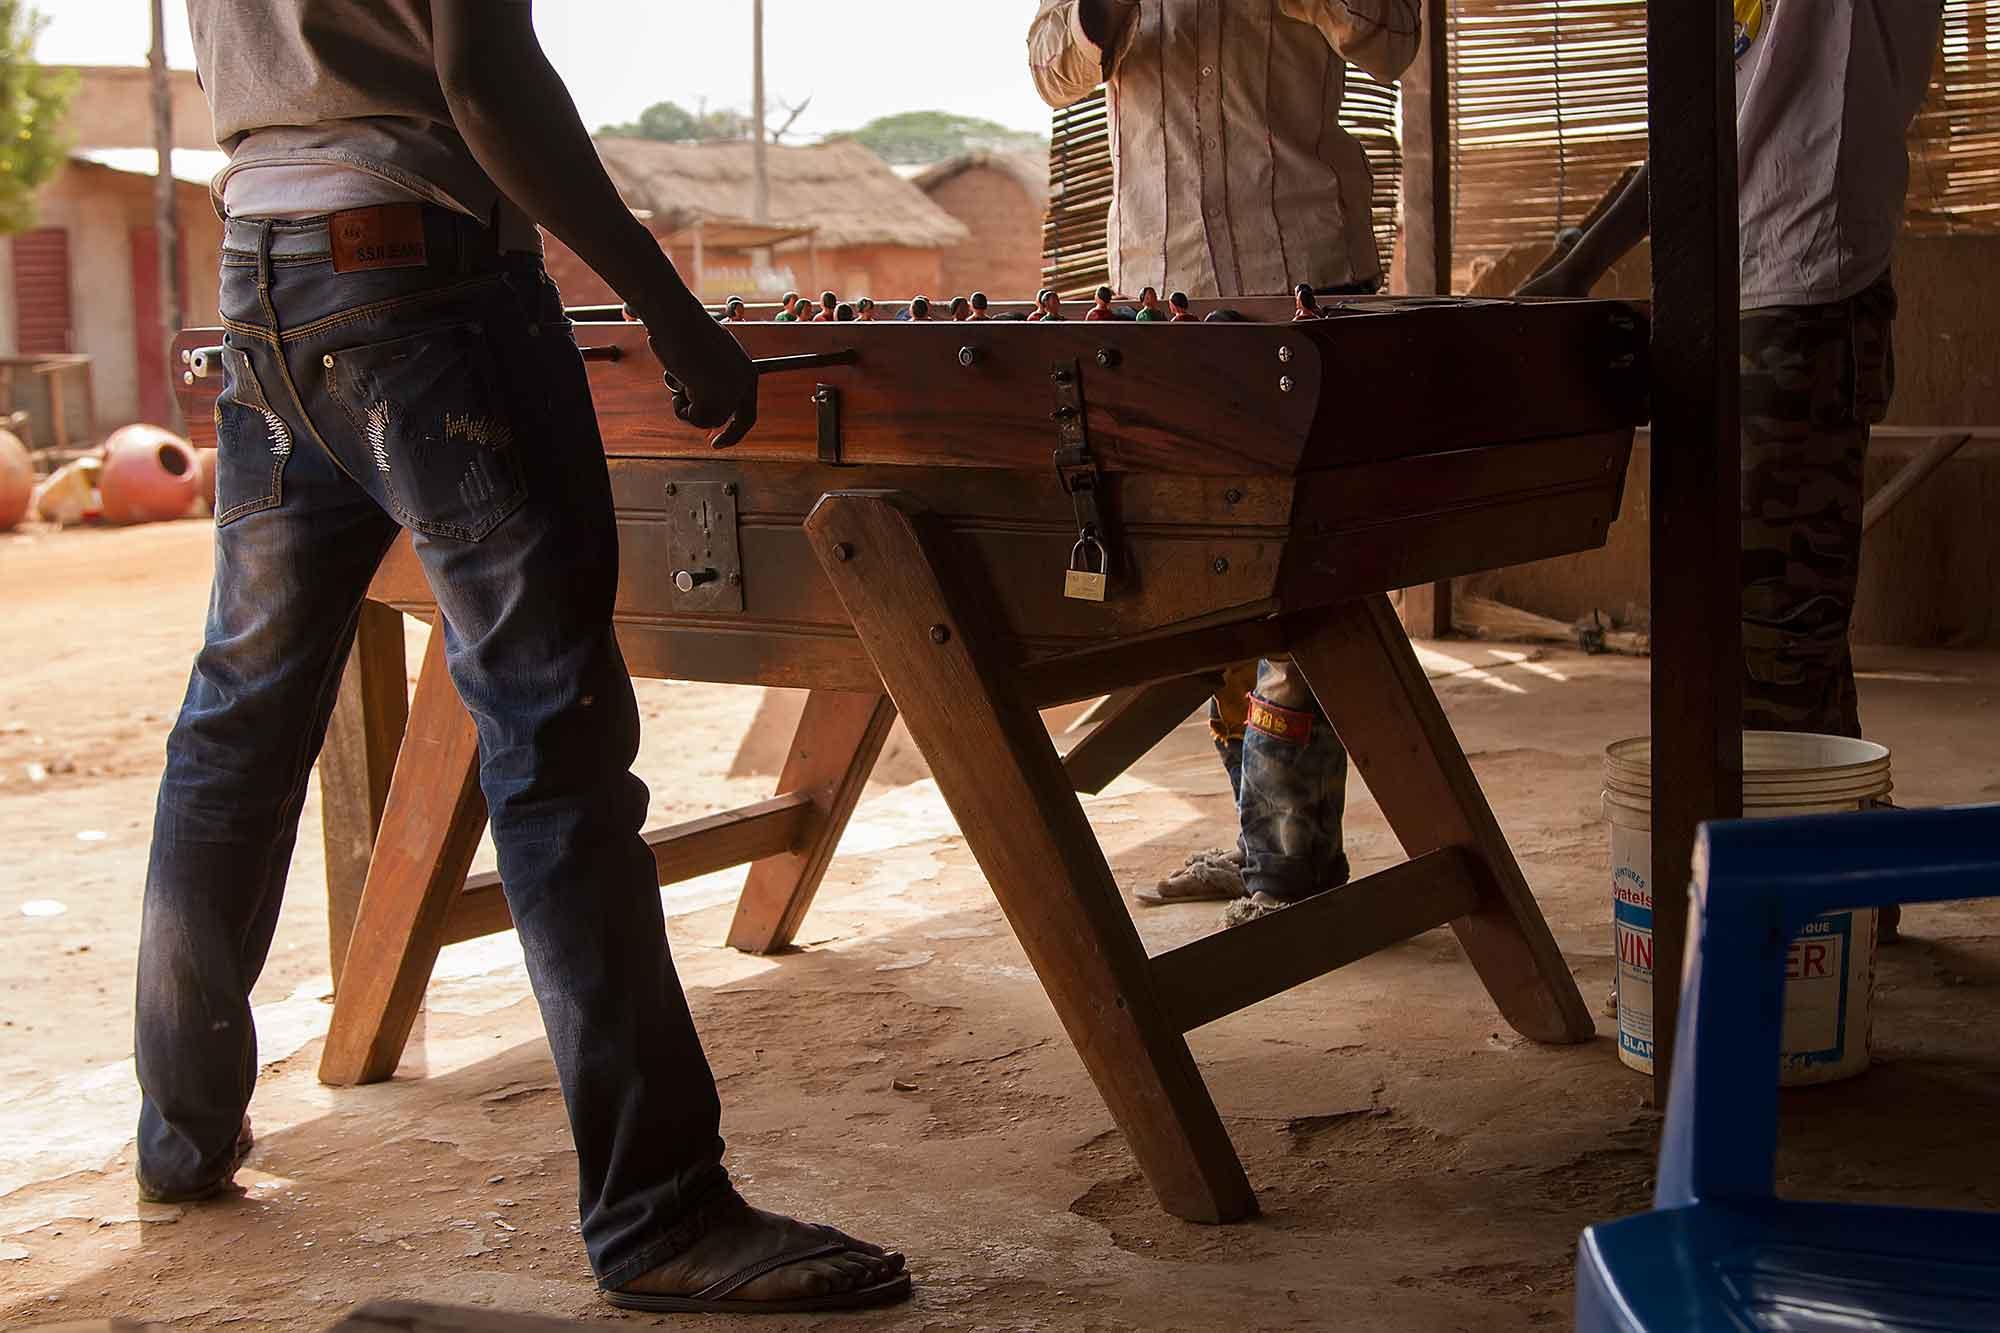 table-soccer-banfora-burkina-faso-africa